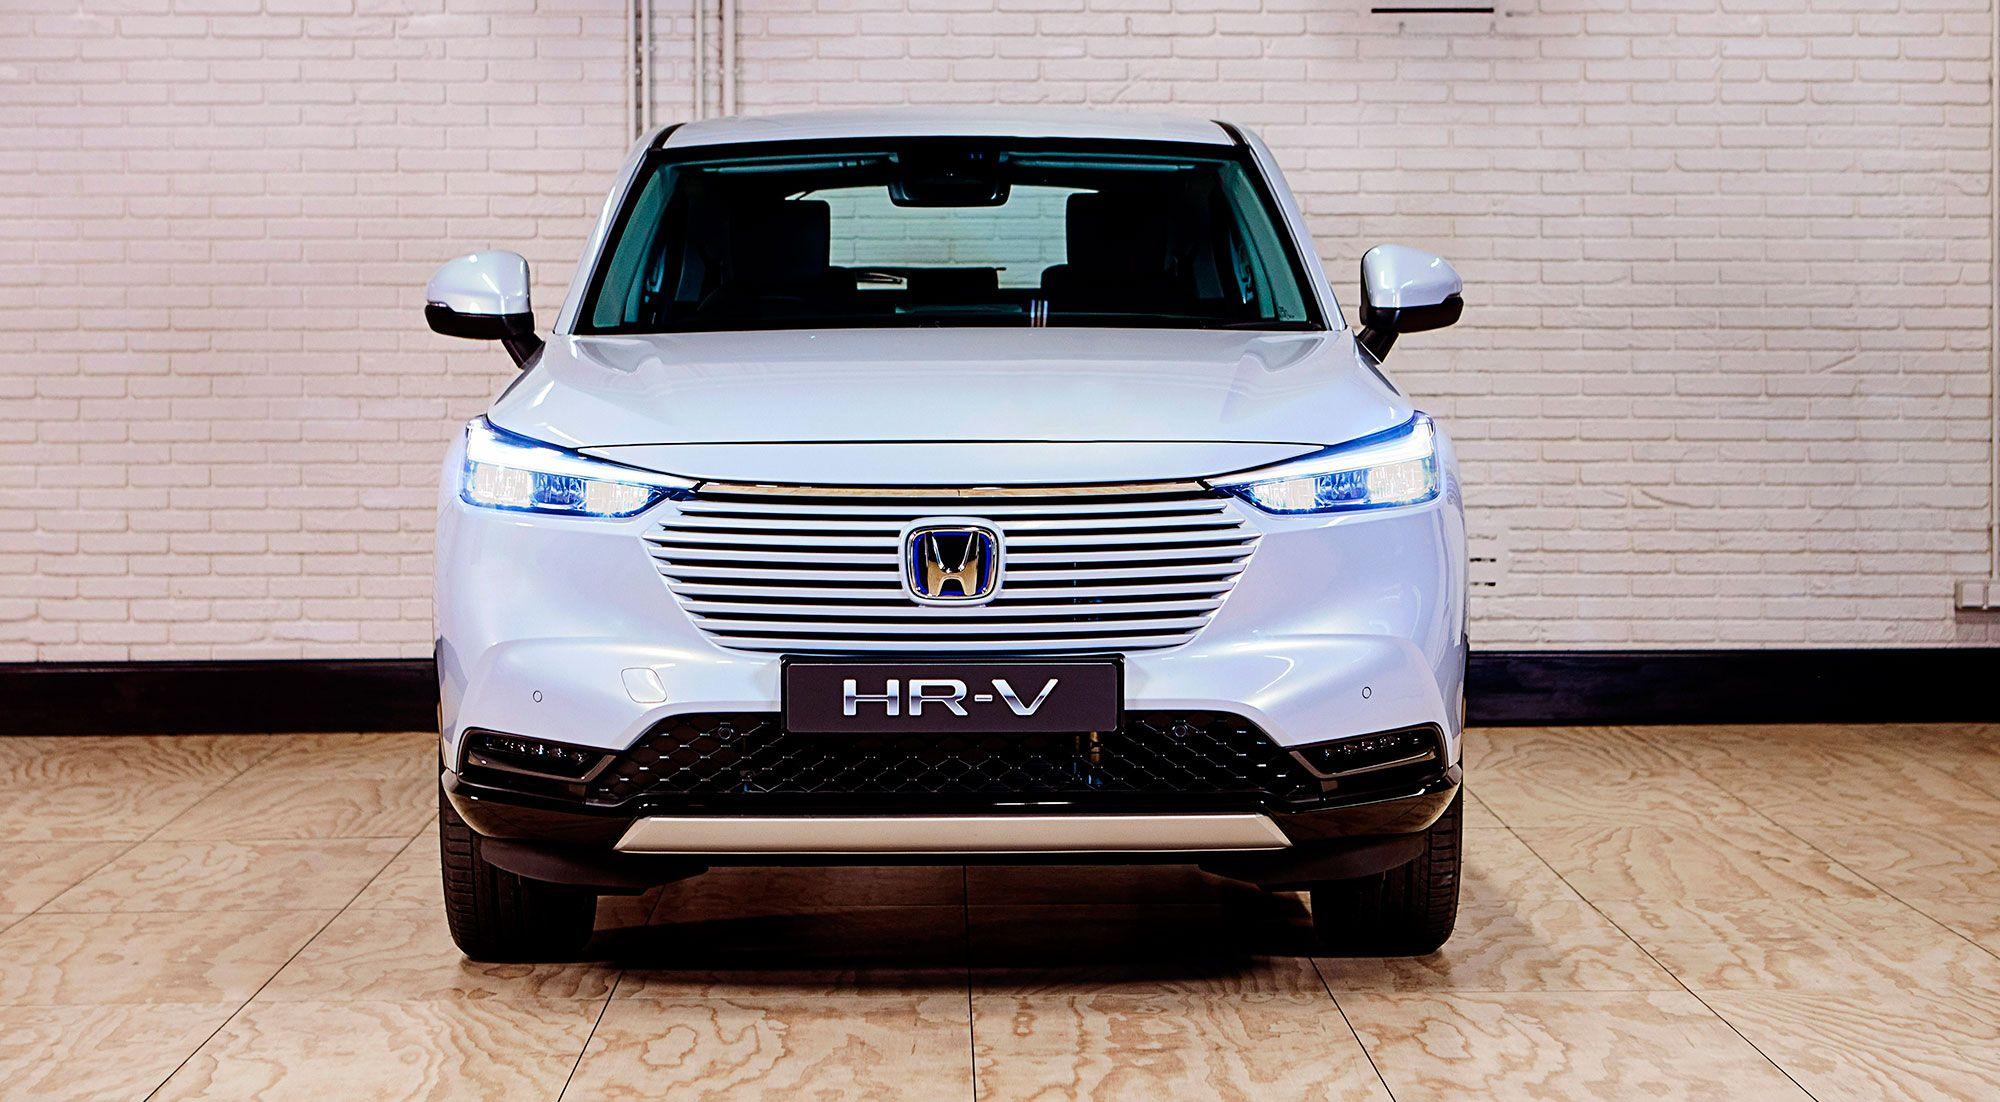 Фирма Honda рассказала о параметрах паркетника HR-V третьей генерации, который на европейском рынке будет доступен лишь в виде гибрида.